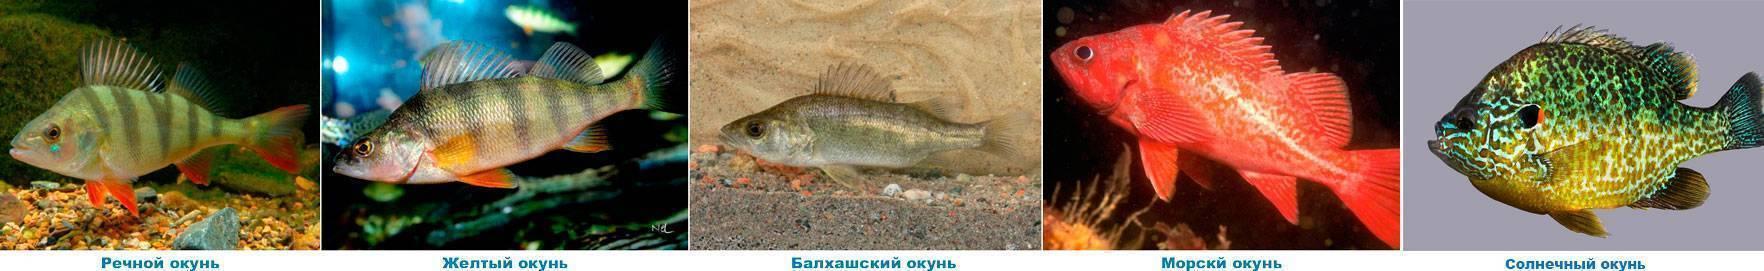 Паразиты и болезни речной рыбы опасные и заразные для человека: какие и как уничтожить